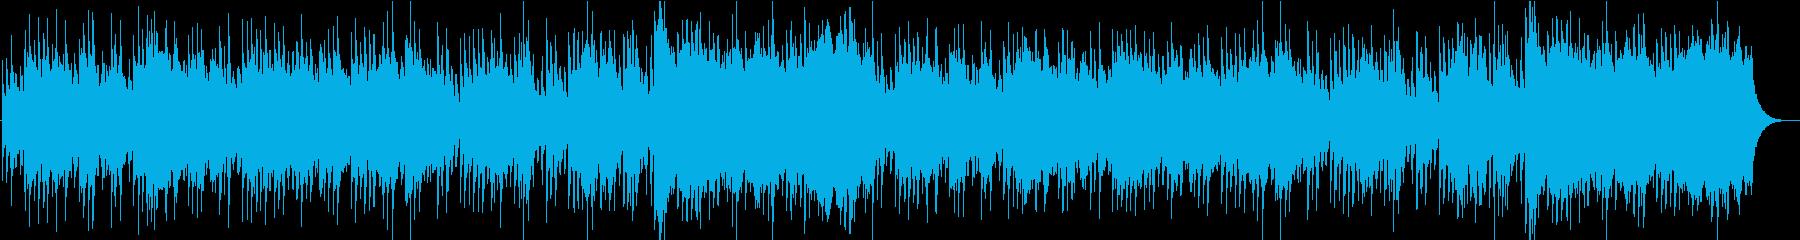 朧月夜 オルゴールオーケストラverの再生済みの波形